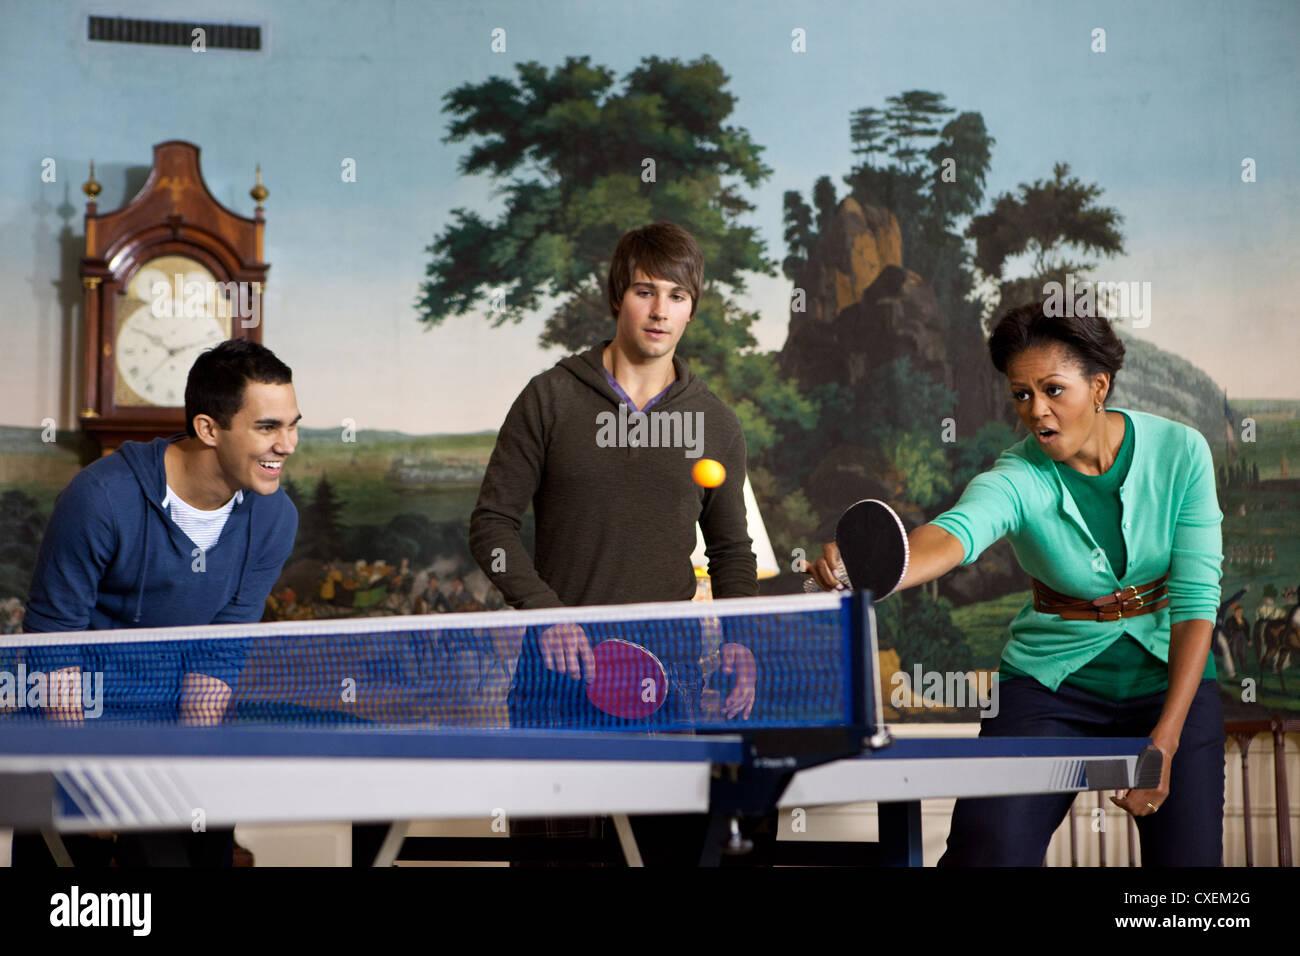 La Primera Dama Michelle Obama juega tenis de mesa con los miembros de la banda Big Time Rush el 24 de septiembre Imagen De Stock